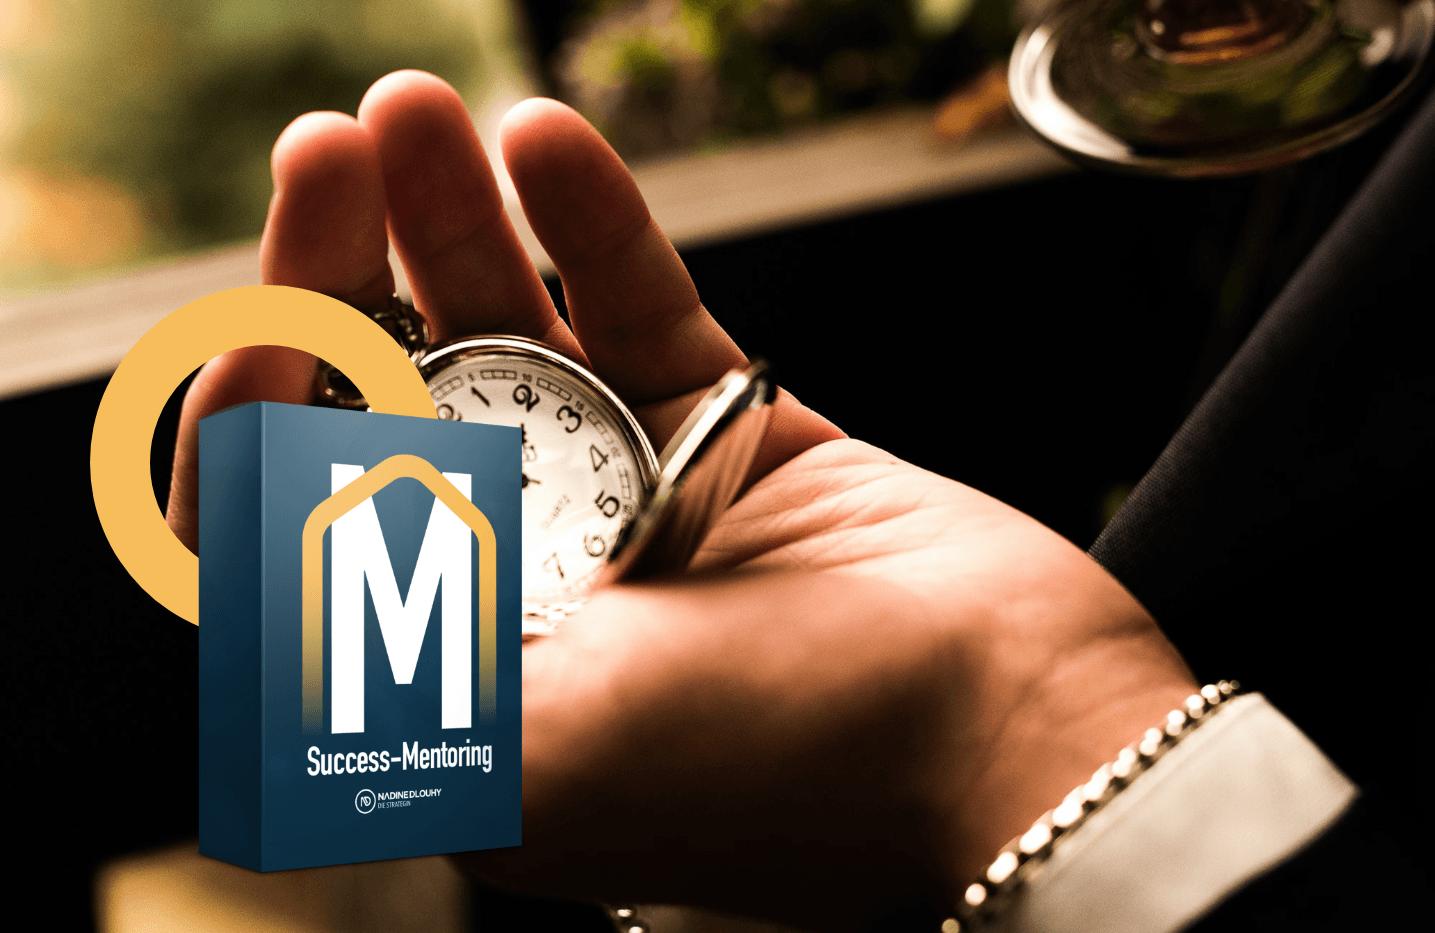 Success-Mentoring Gold